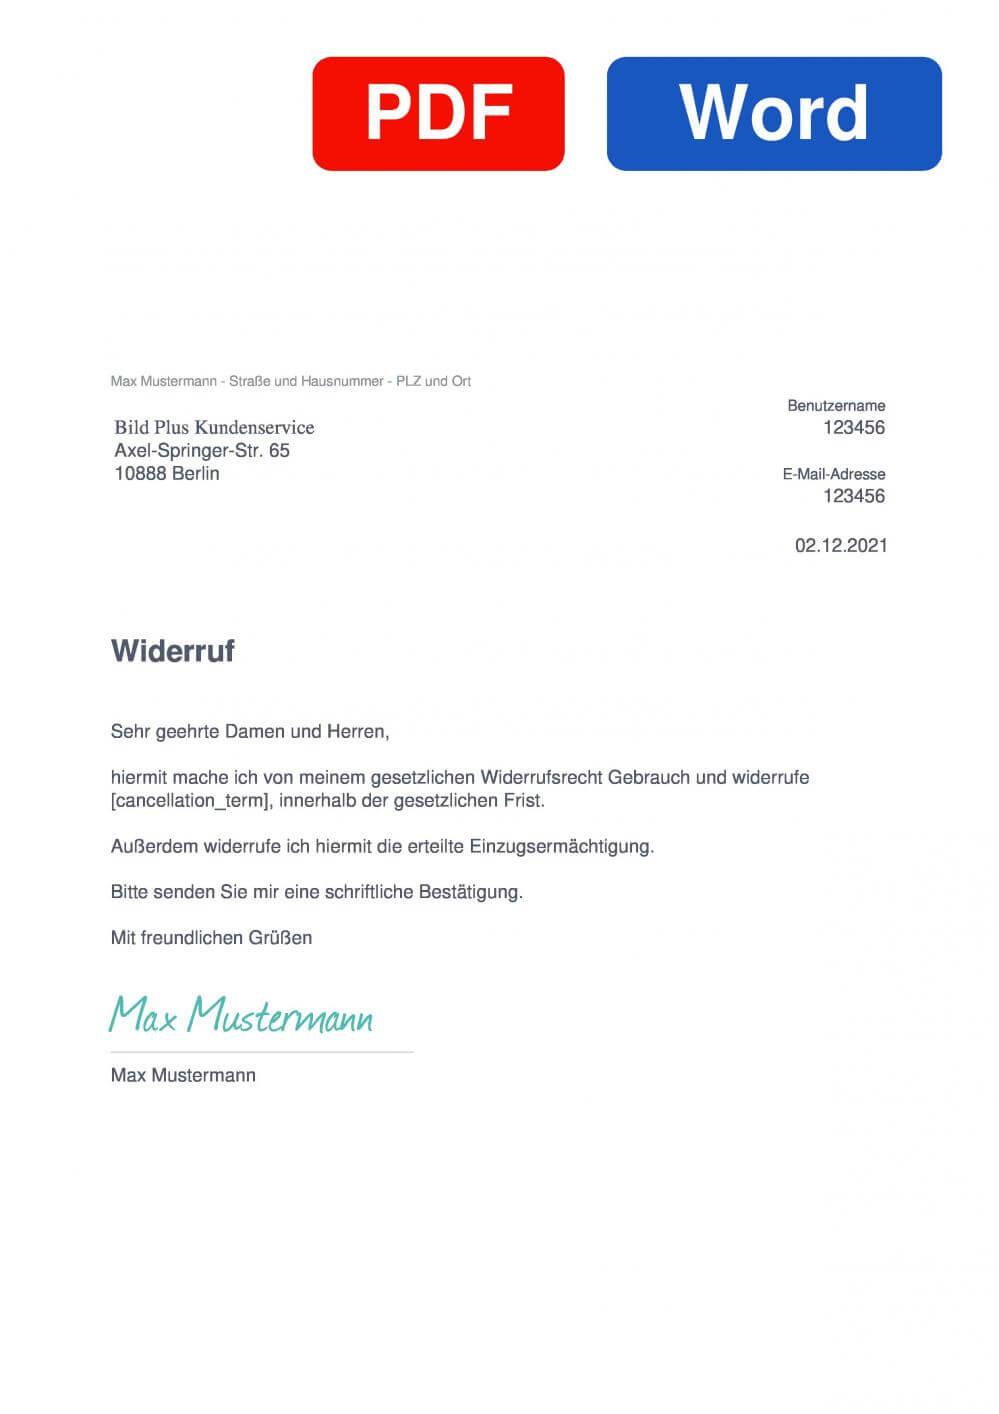 BILDplus Muster Vorlage für Wiederrufsschreiben